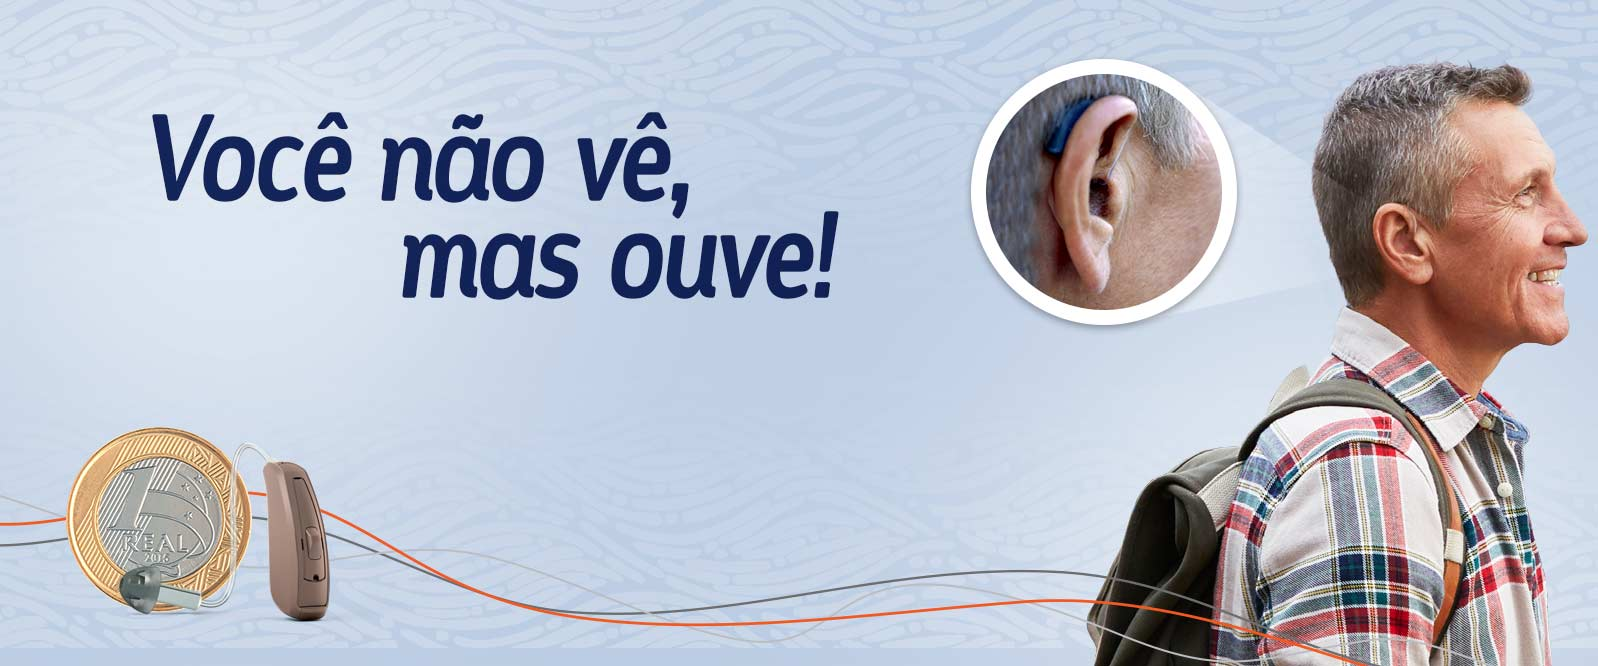 banner-promocional-outubro